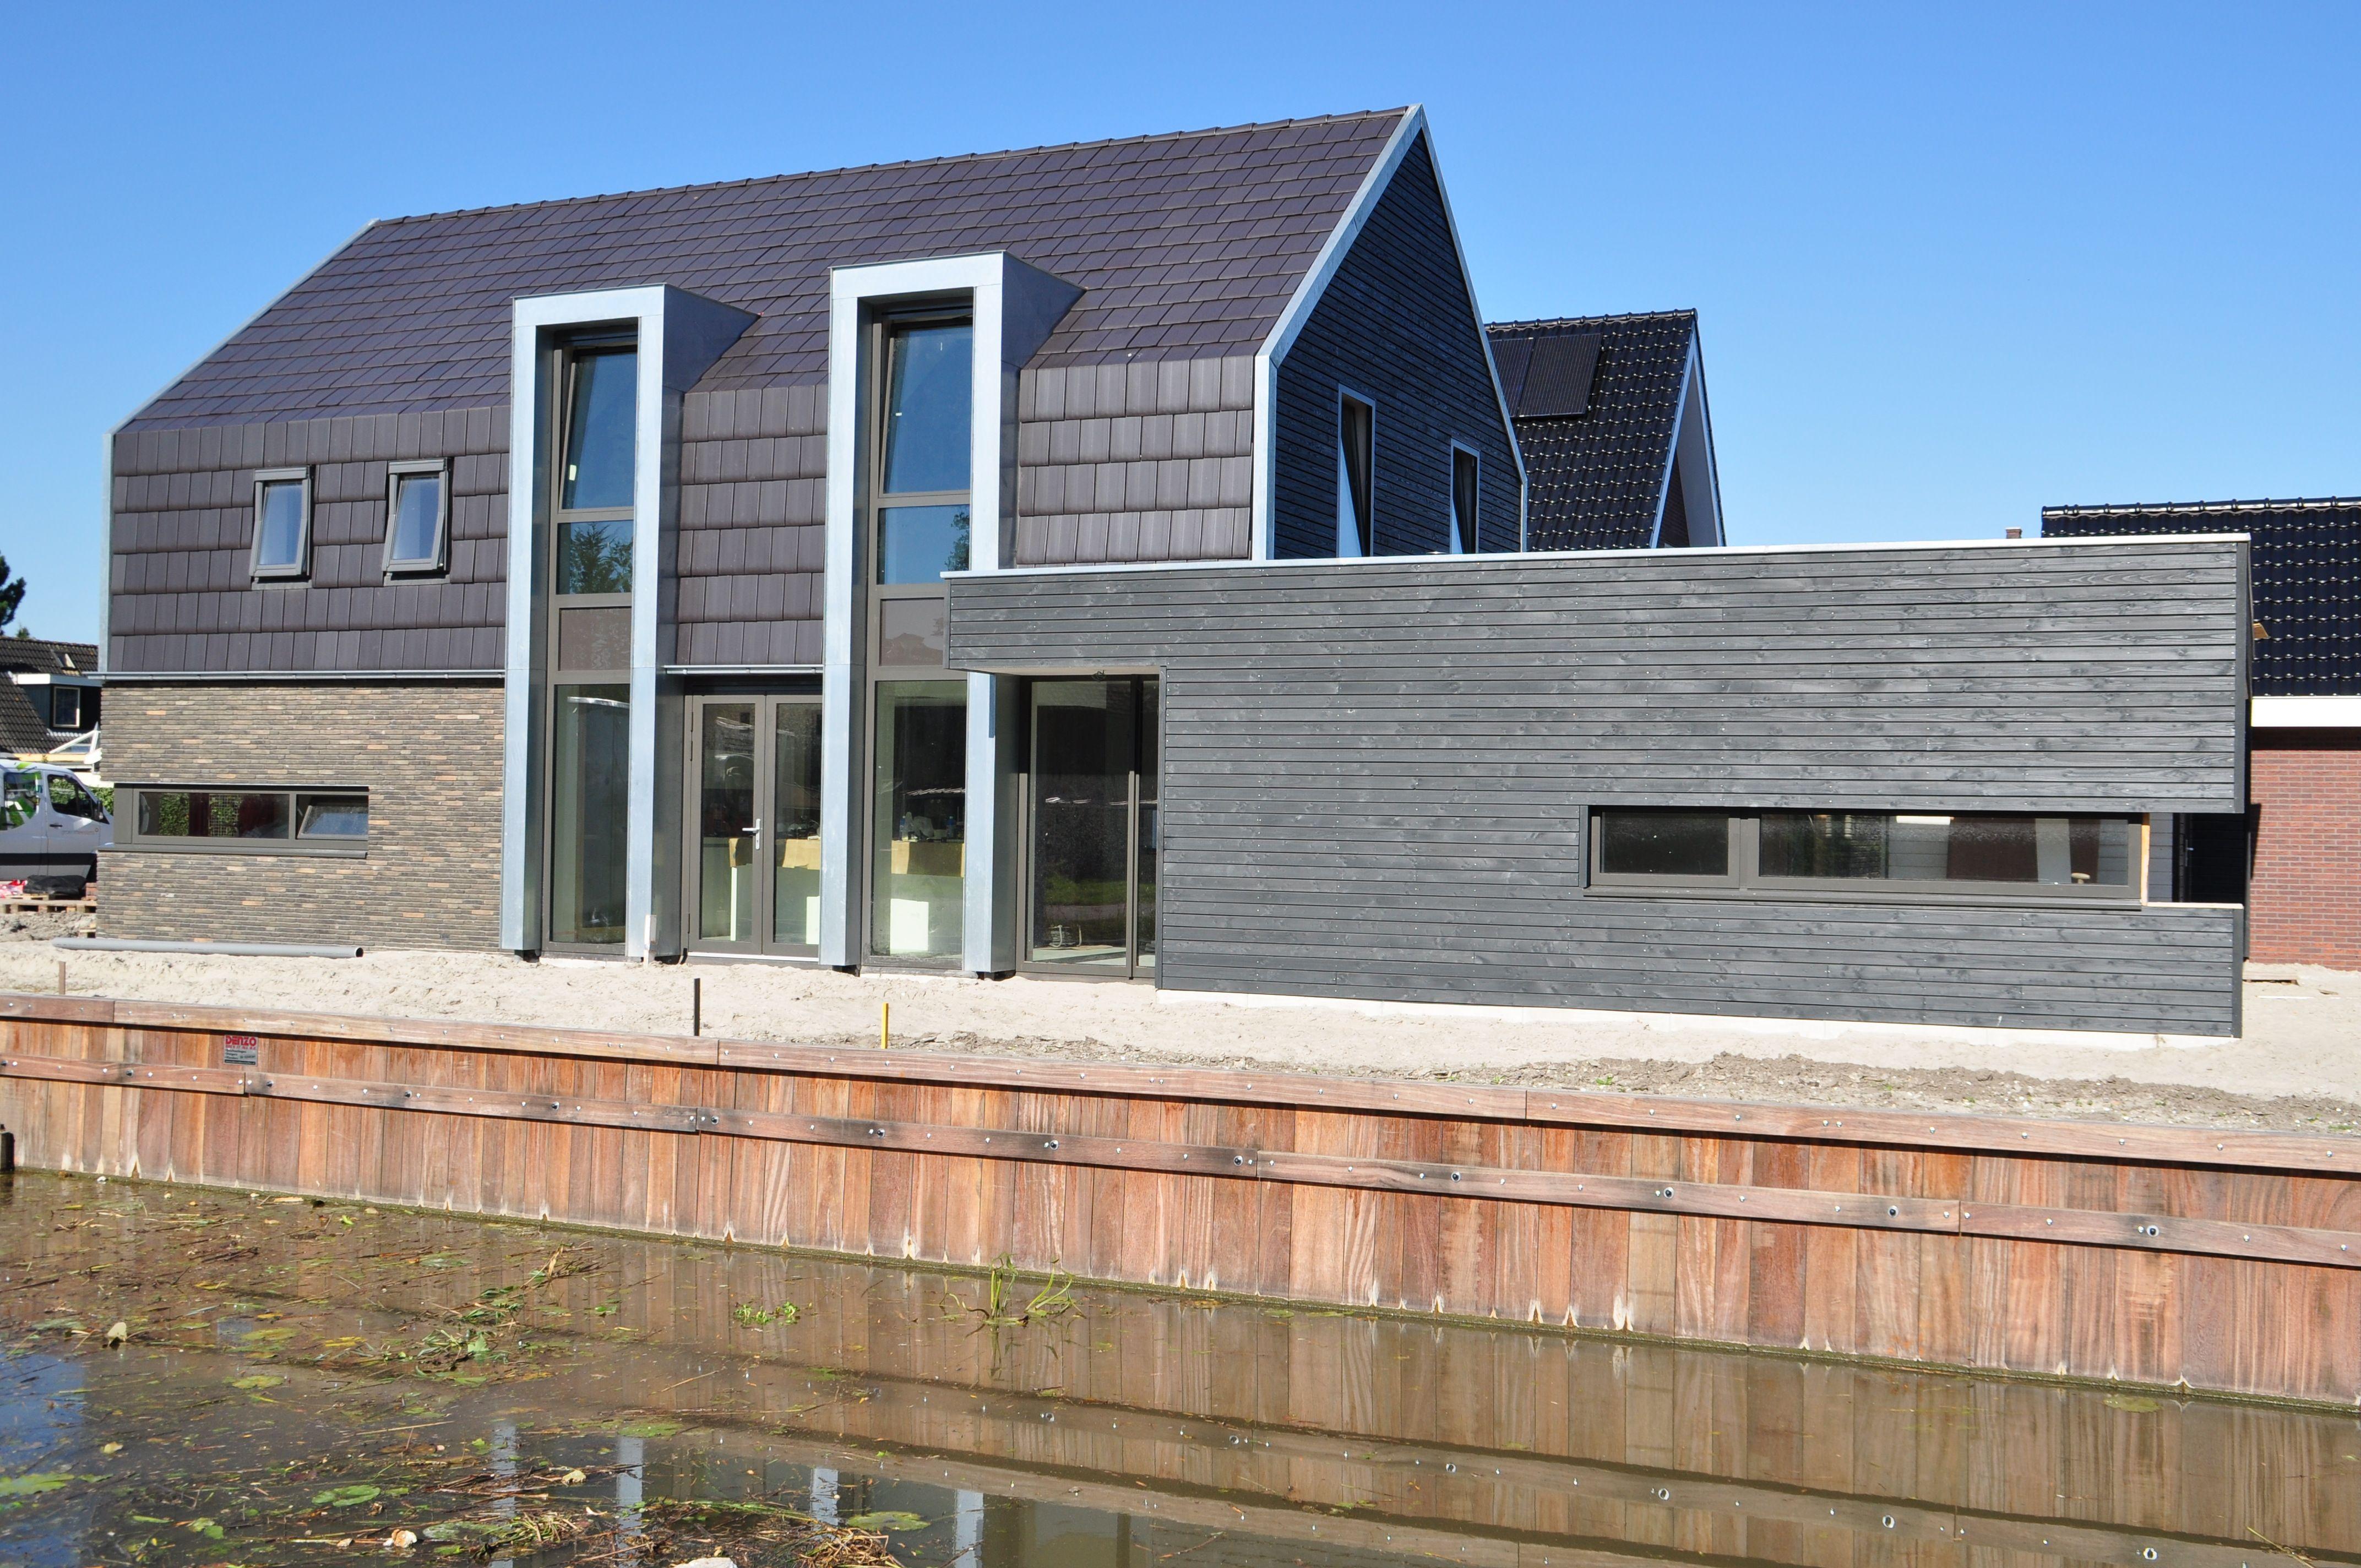 Antraciet dakdelen gemeleerd grijze bakstenen en blauwgrijs zink erna smit pinterest - Zeer moderne woning ...